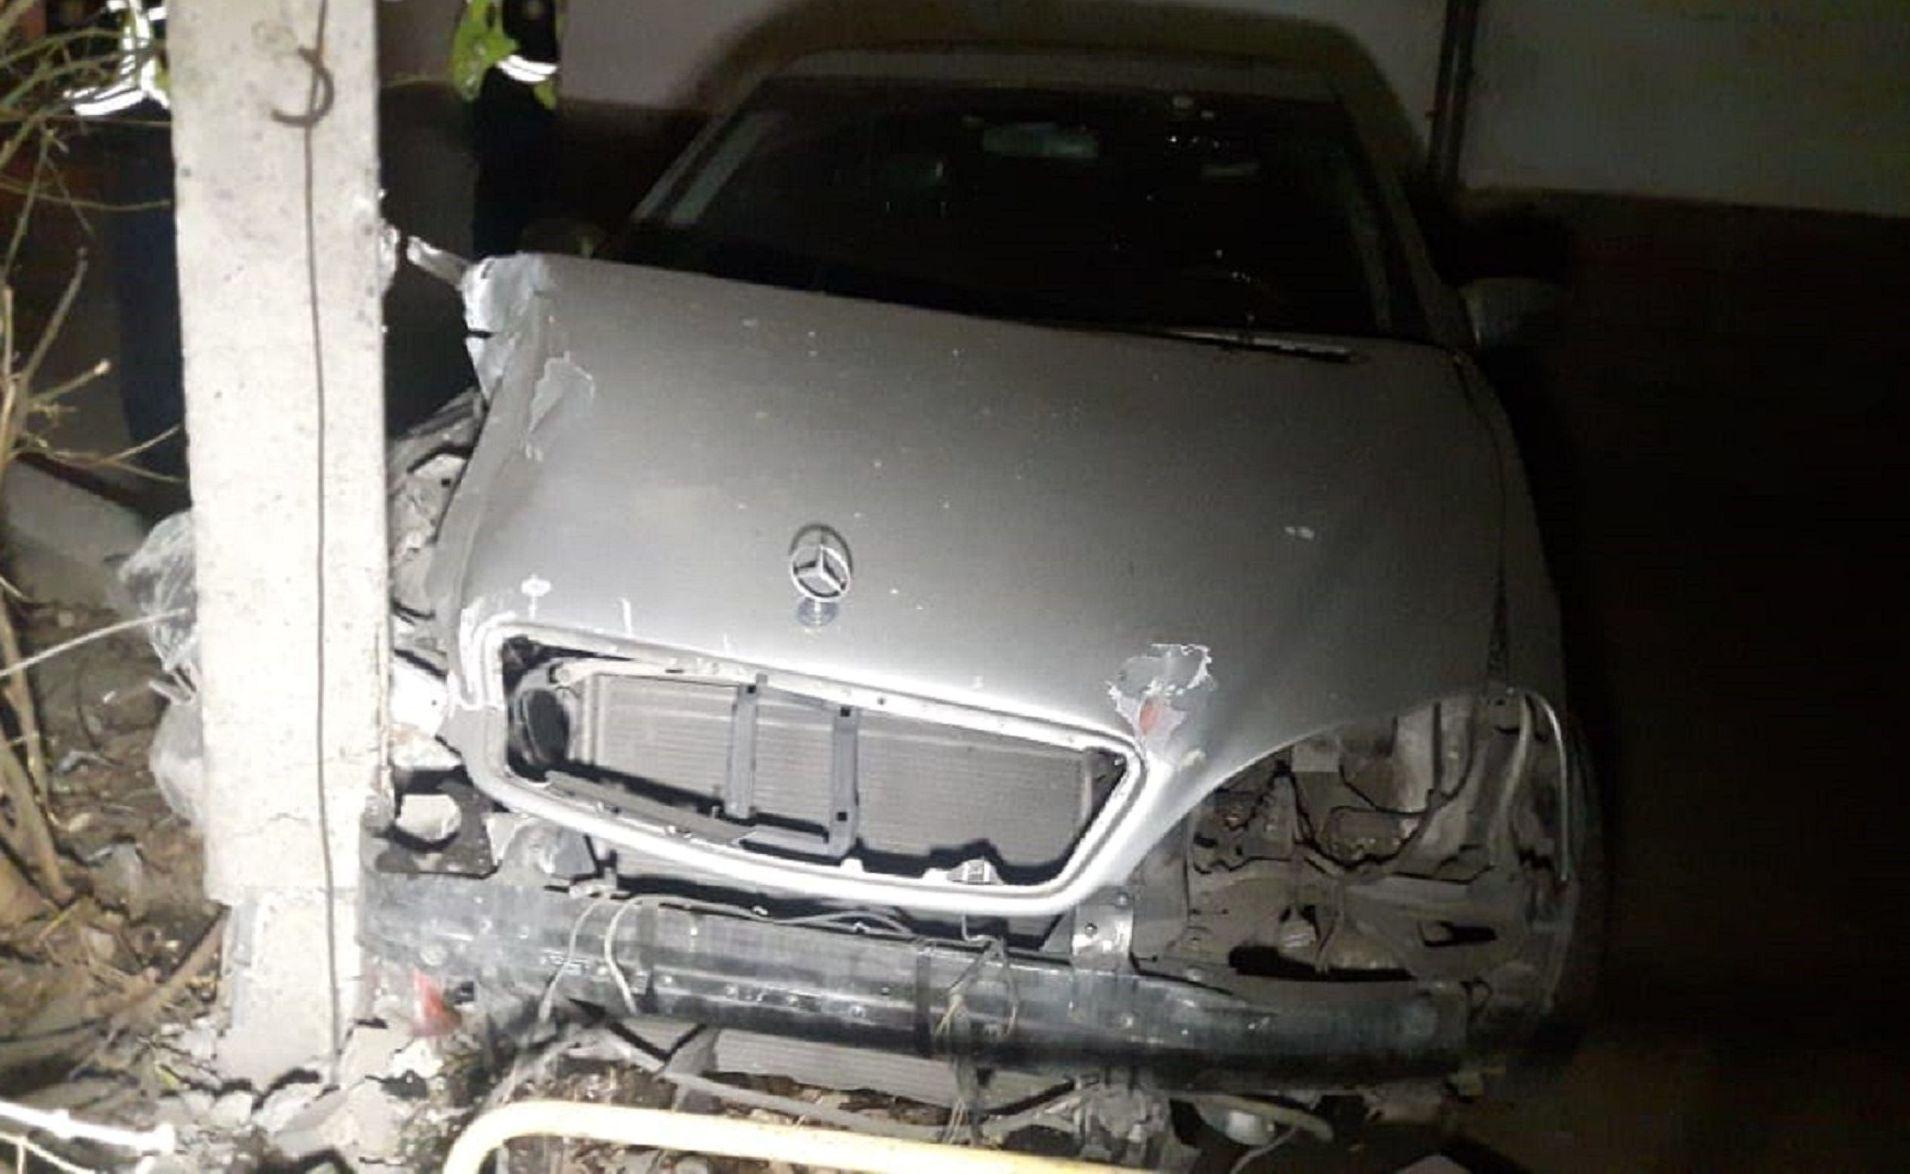 ДТП произошло на пересечении улиц Сейфуллина - Акан Серы